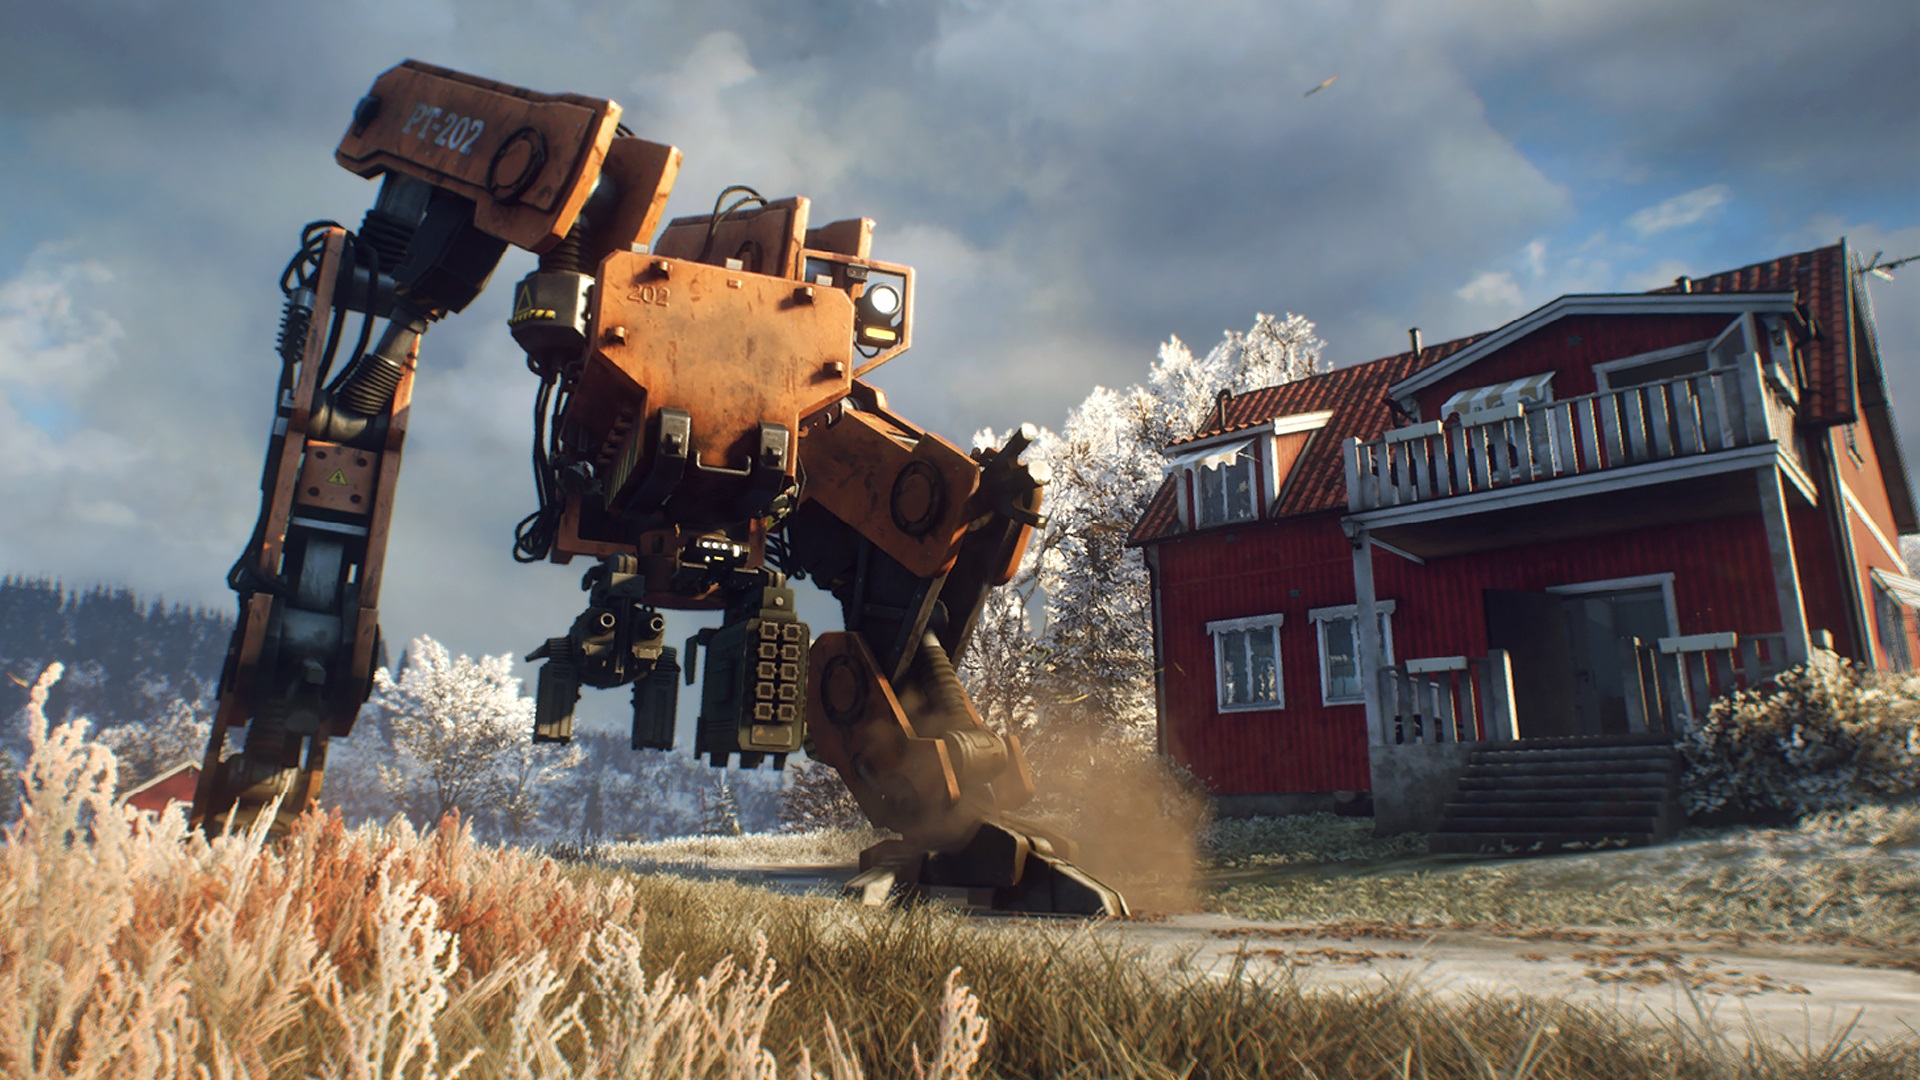 《零世代》IGN 评测 4 分:出色的概念毁于糟糕的体验